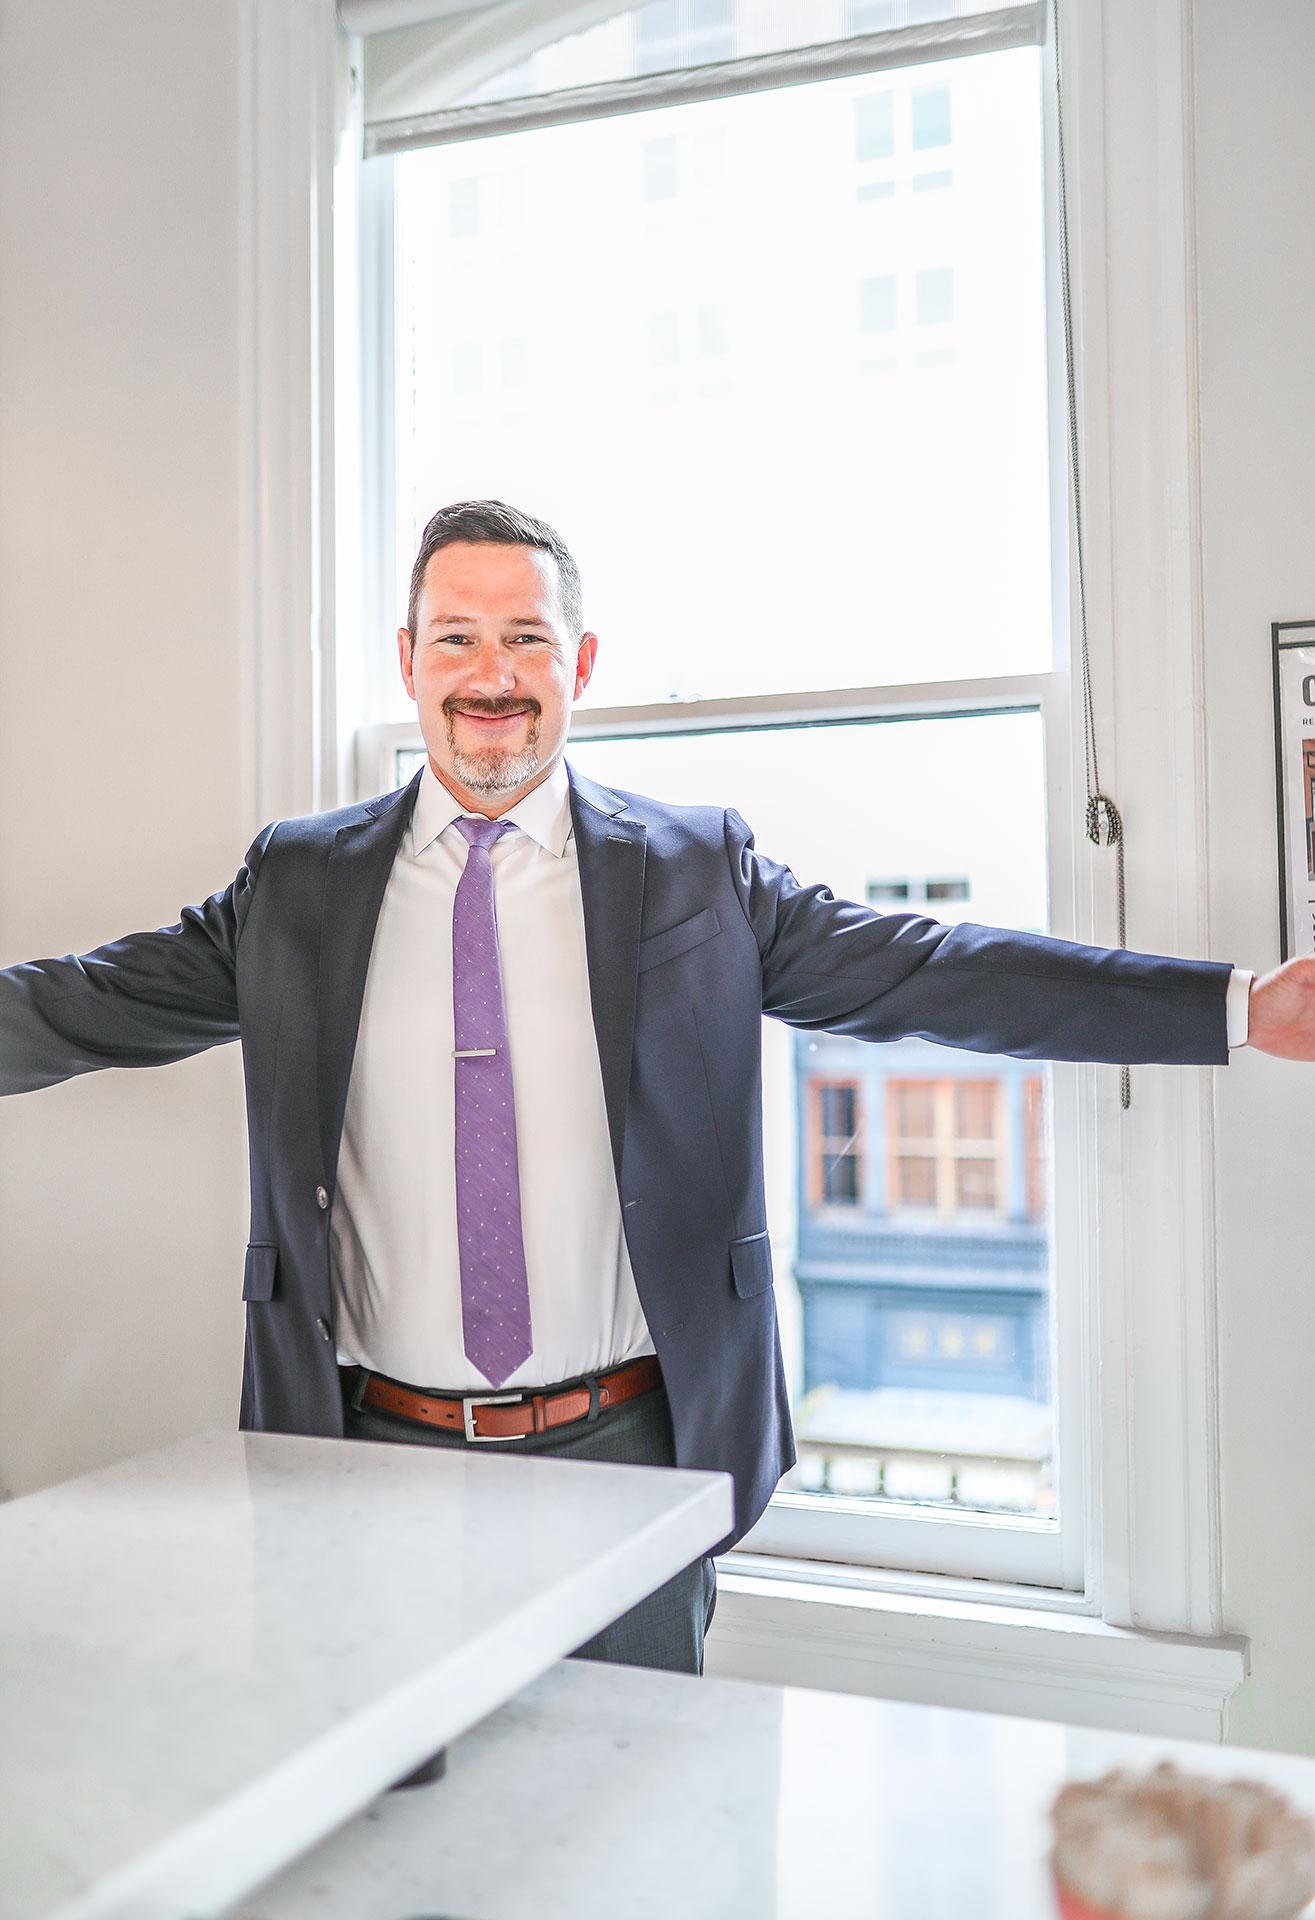 Derek Ketelsen at the Office